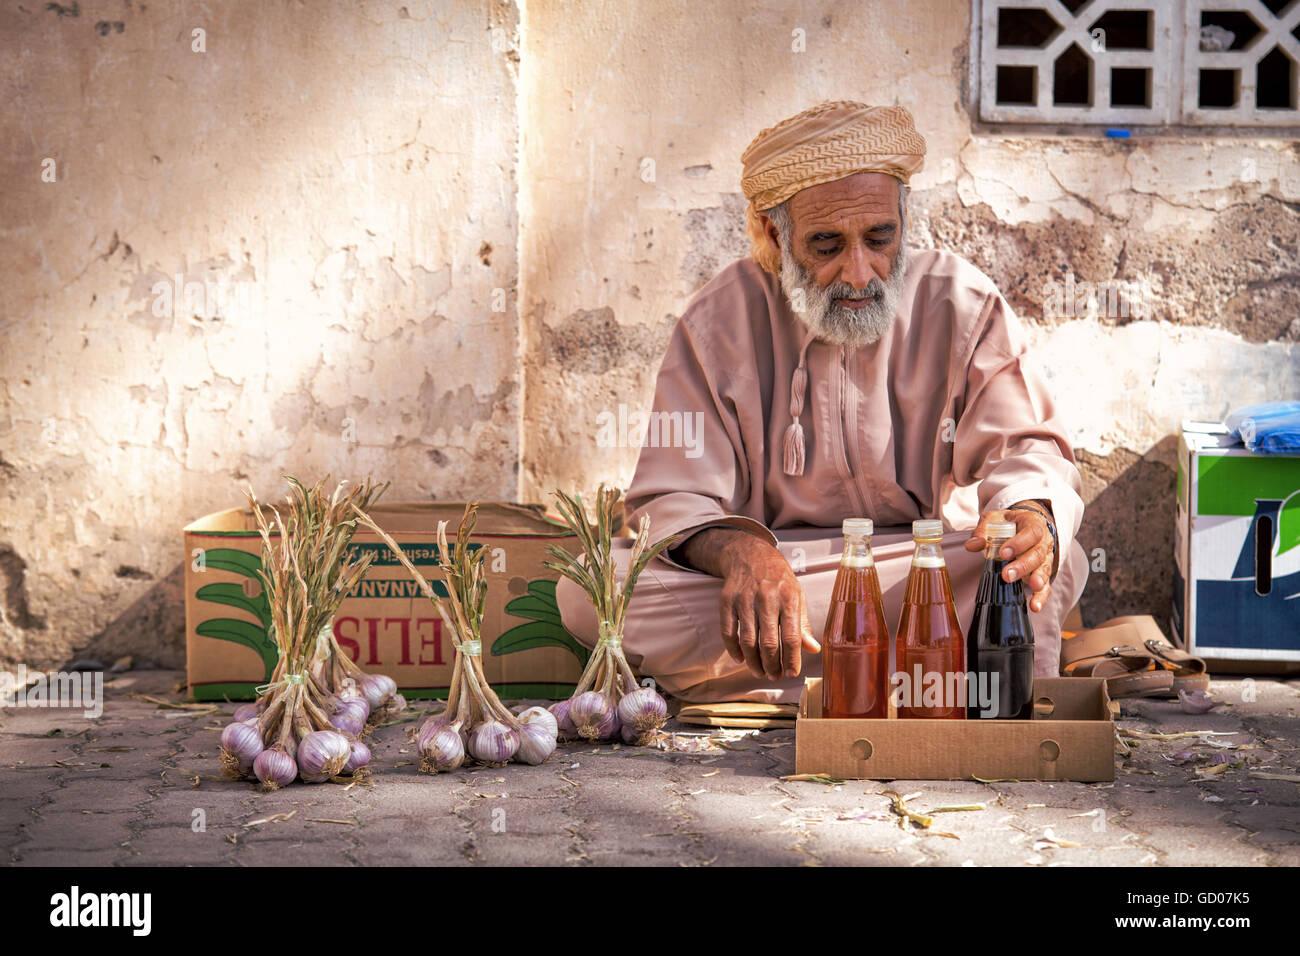 NIZWA, Oman - 24 Aprile 2015:Omani vecchio uomo vendita di miele e aglio al mercato tradizionale o souq di Nizwa, Immagini Stock